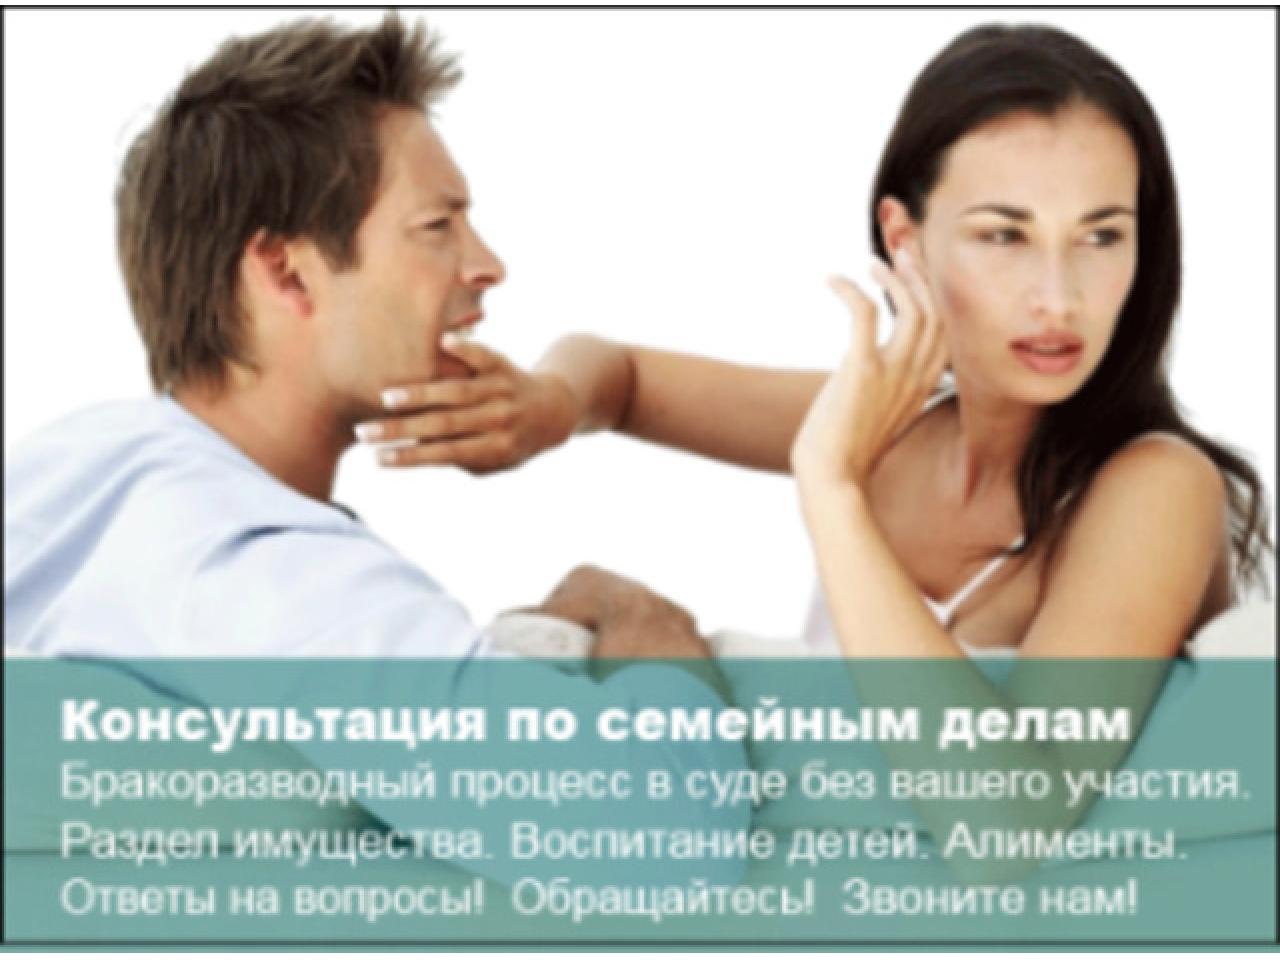 Профессиональные адвокаты и юристы по семейным делам - 1